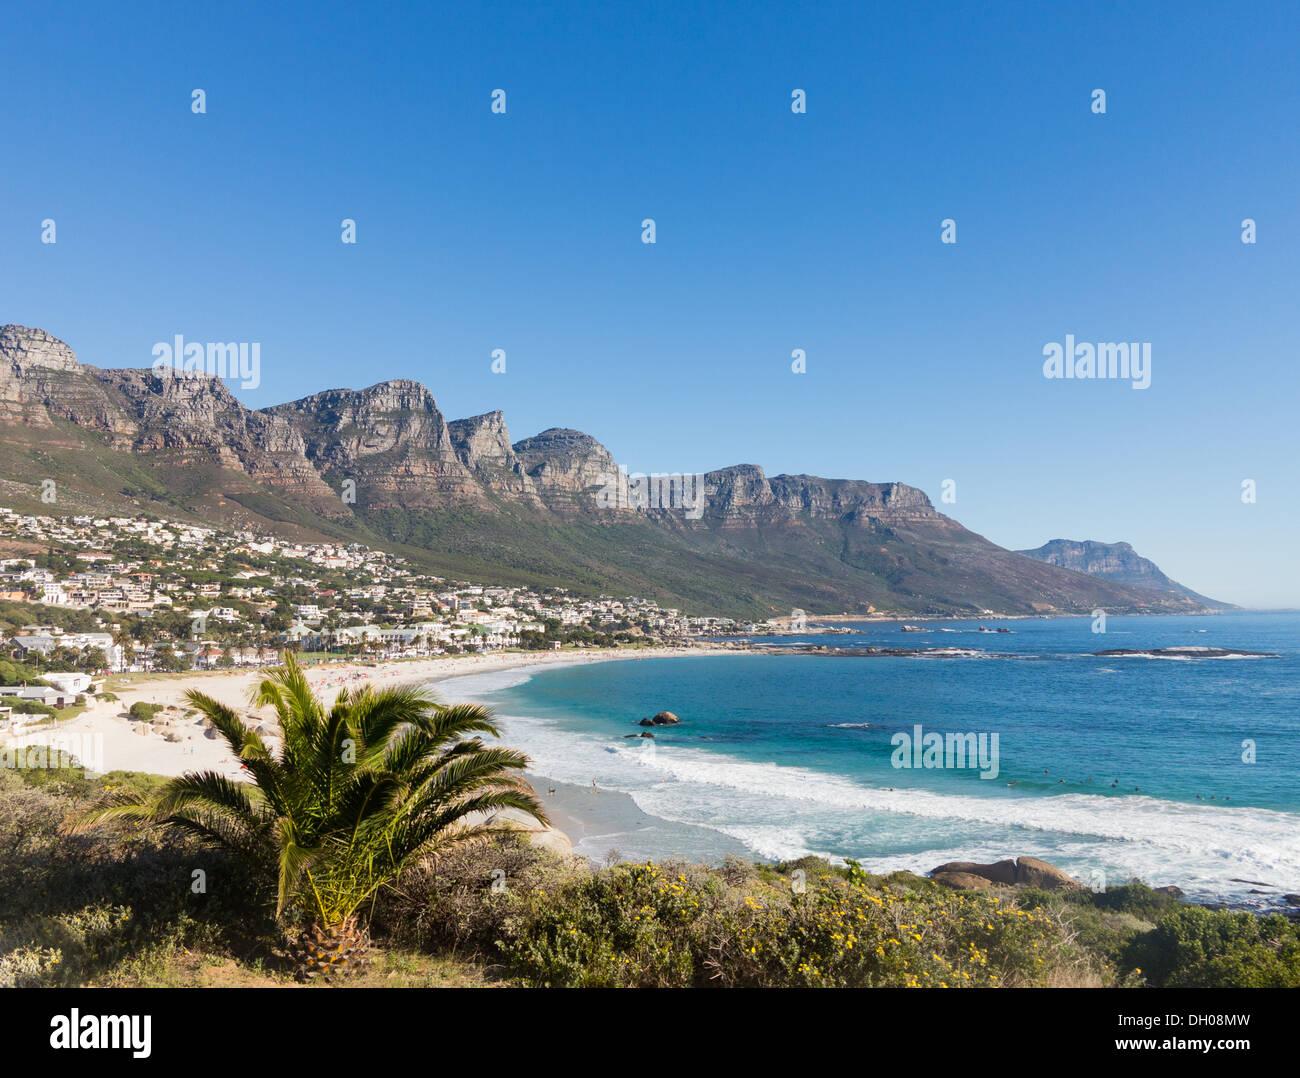 Spiaggia di Camps Bay Cape Town con Table Mountain in background, Sud Africa coast Immagini Stock